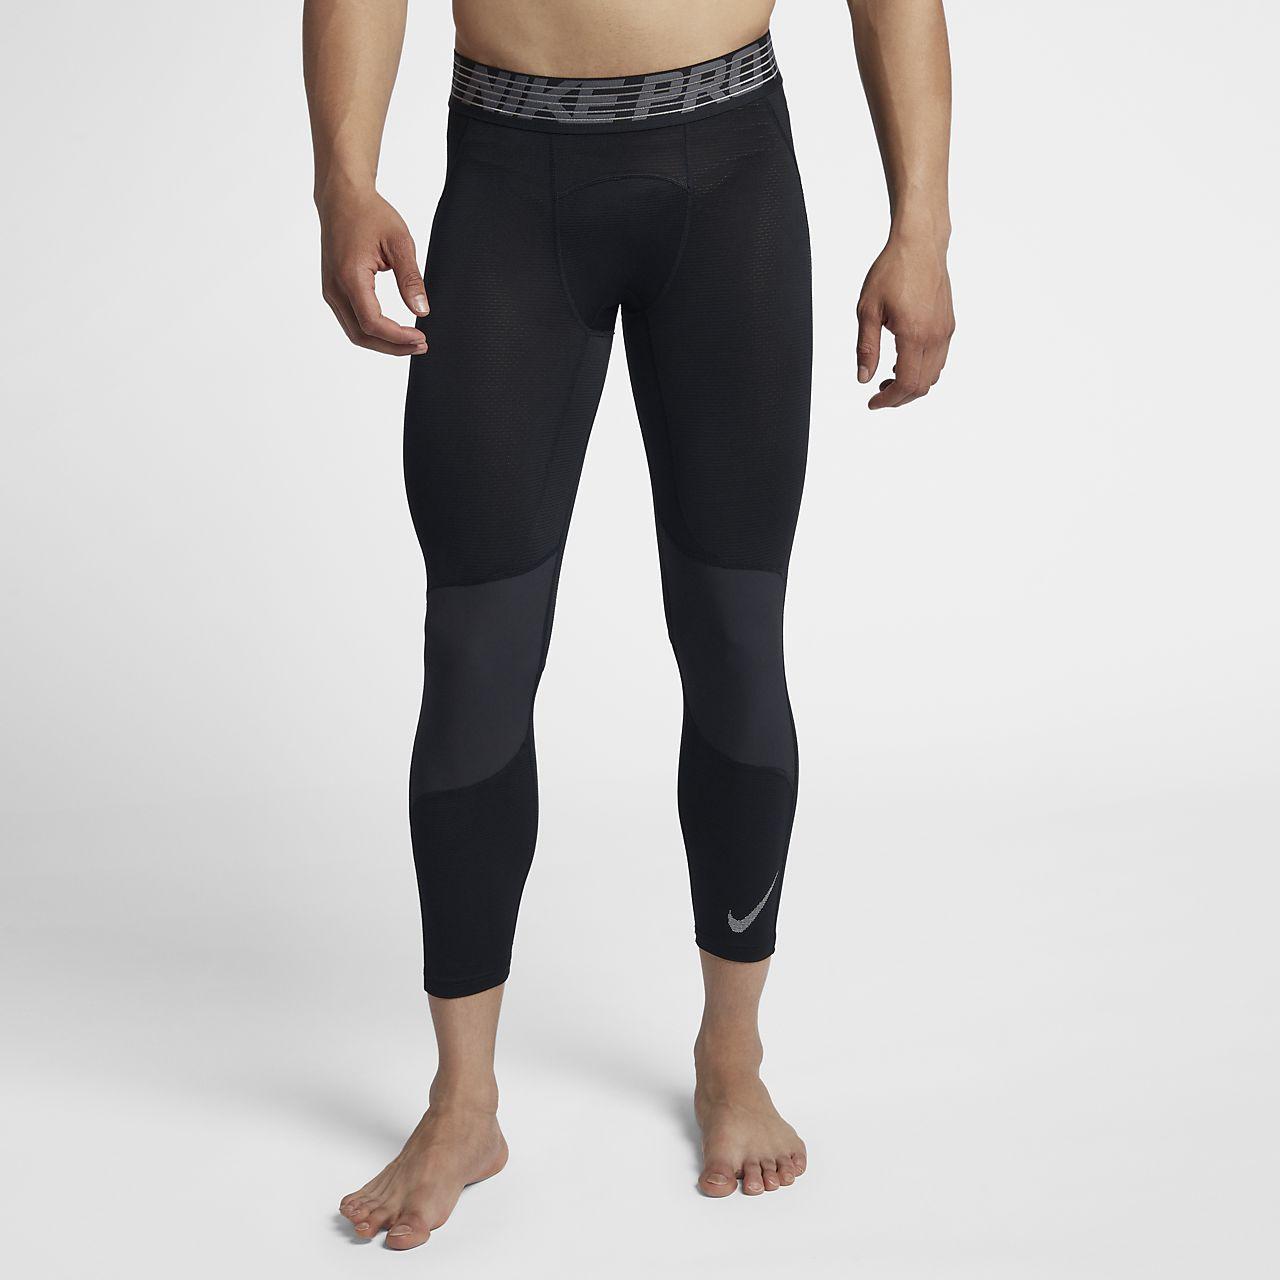 กางเกงรัดรูปบาสเก็ตบอลสามส่วนผู้ชาย Nike Pro HyperCool